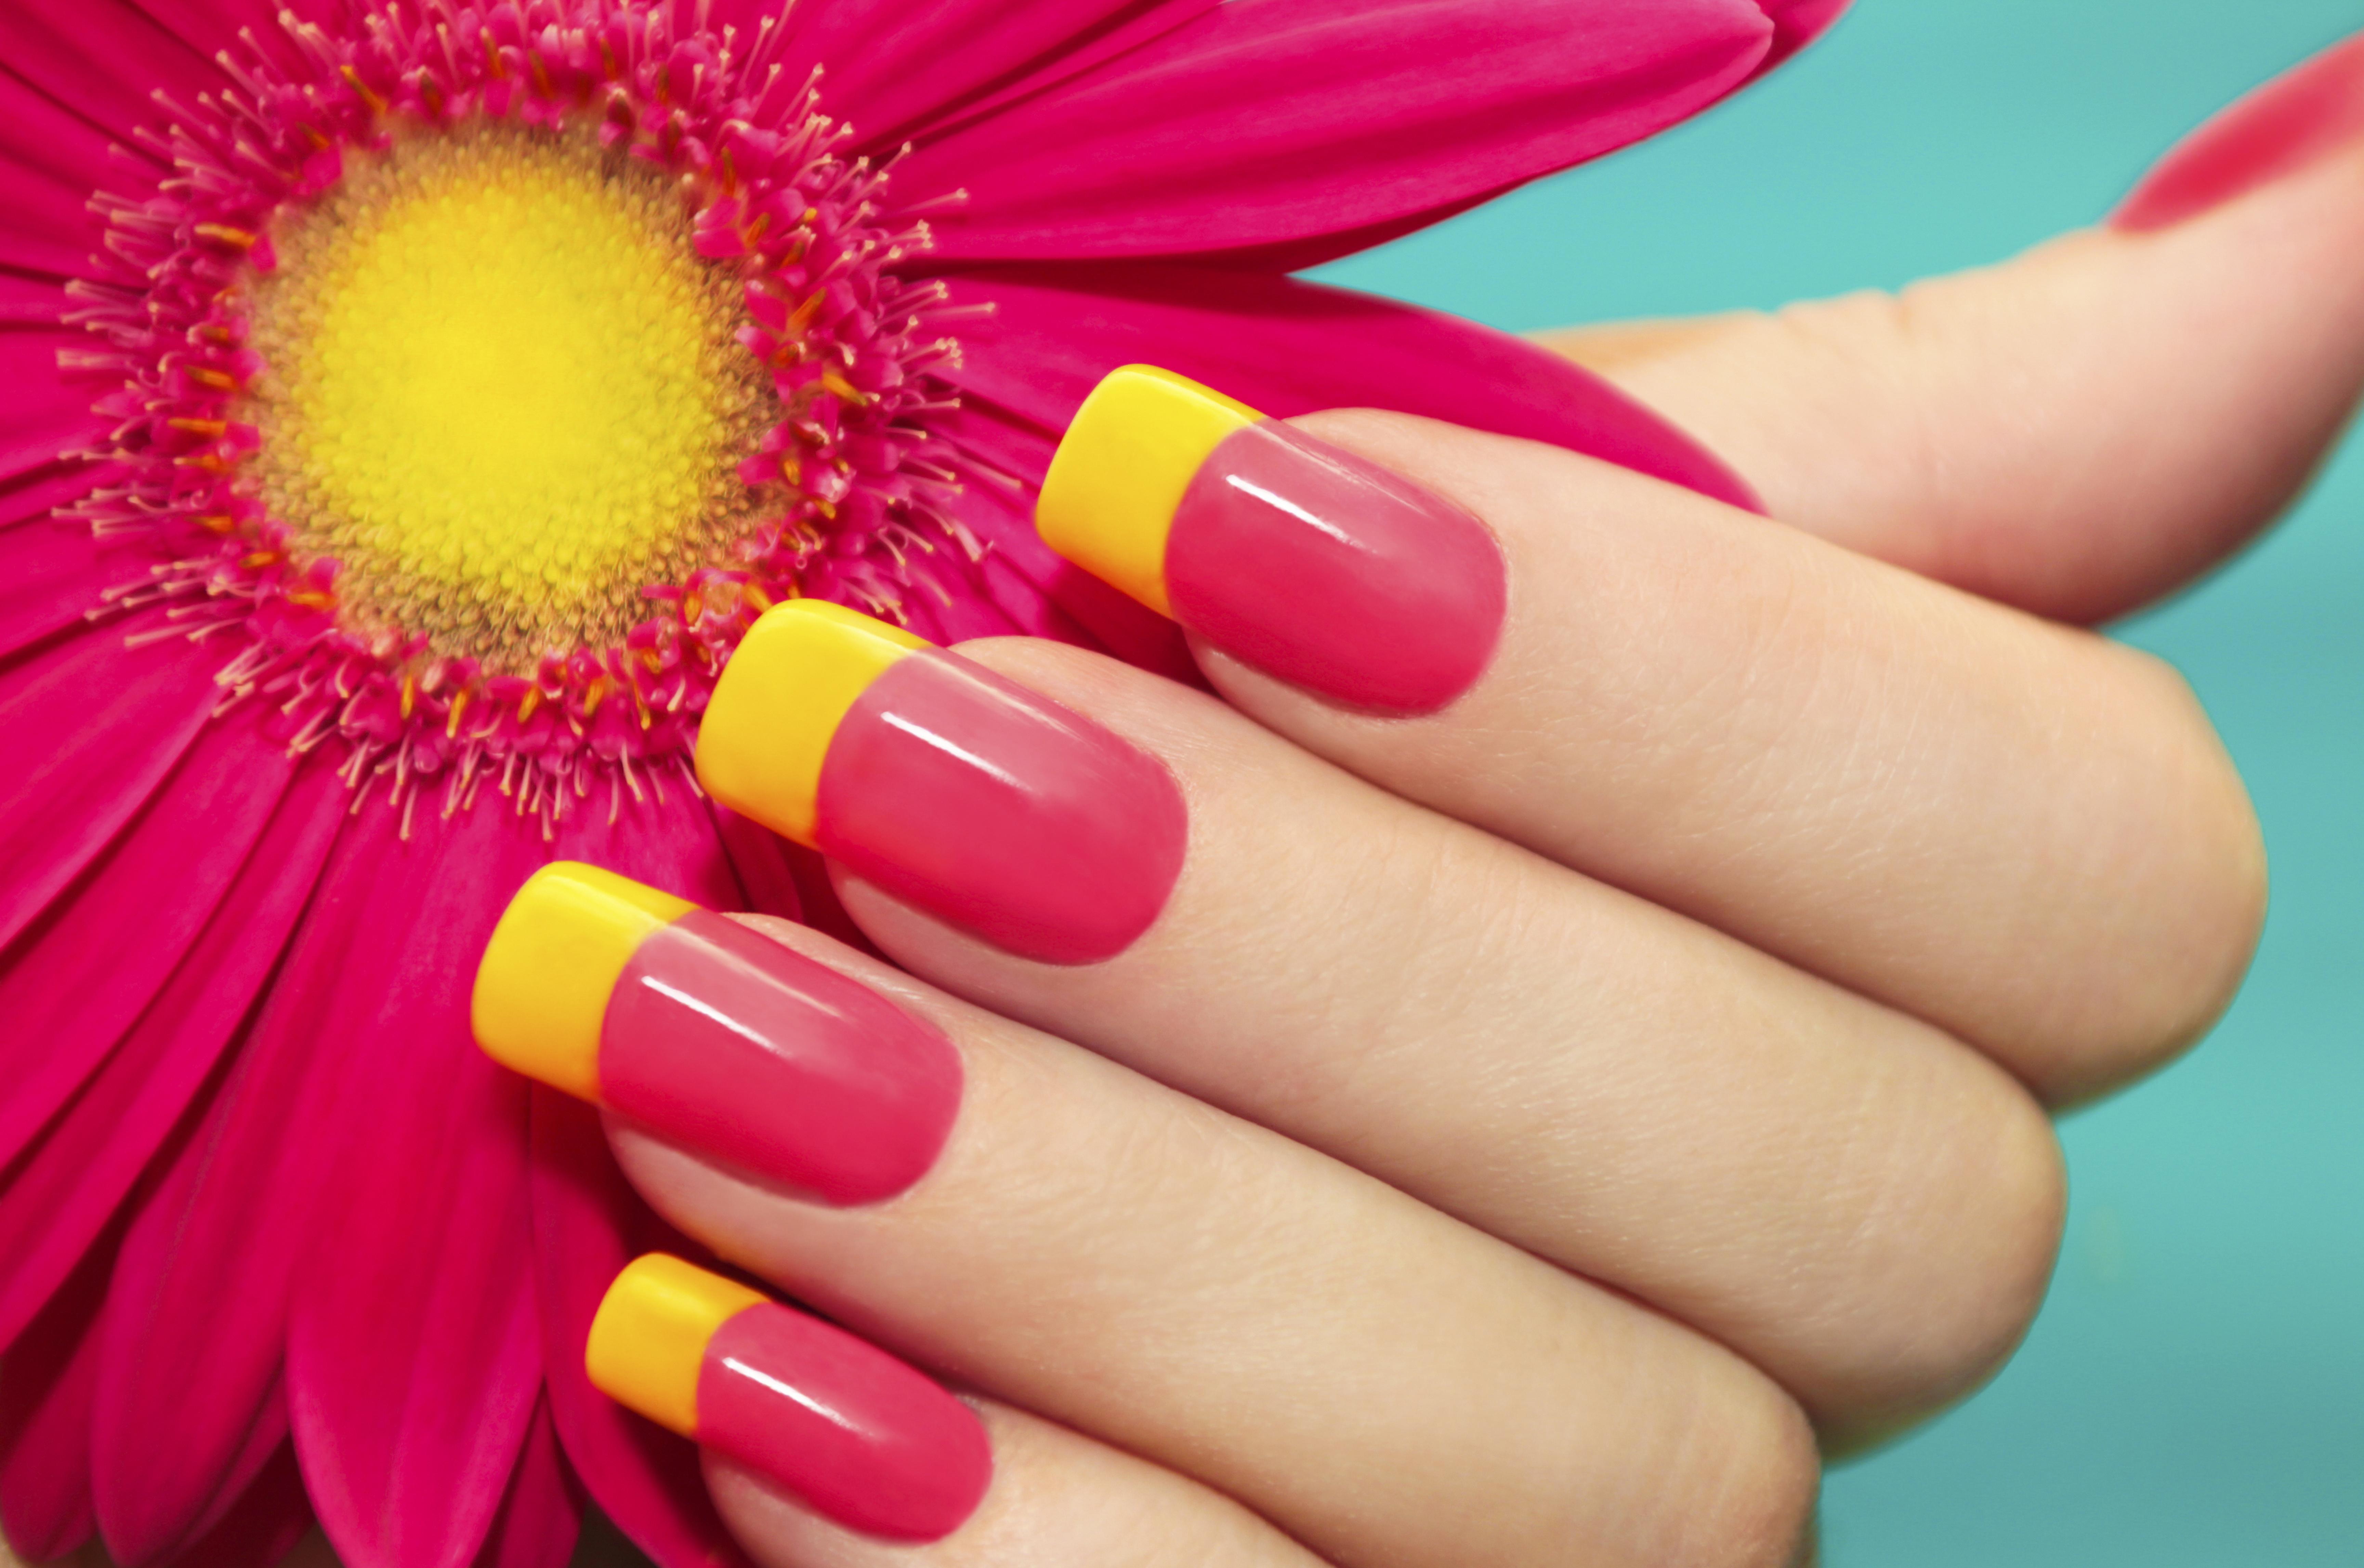 żel manicure